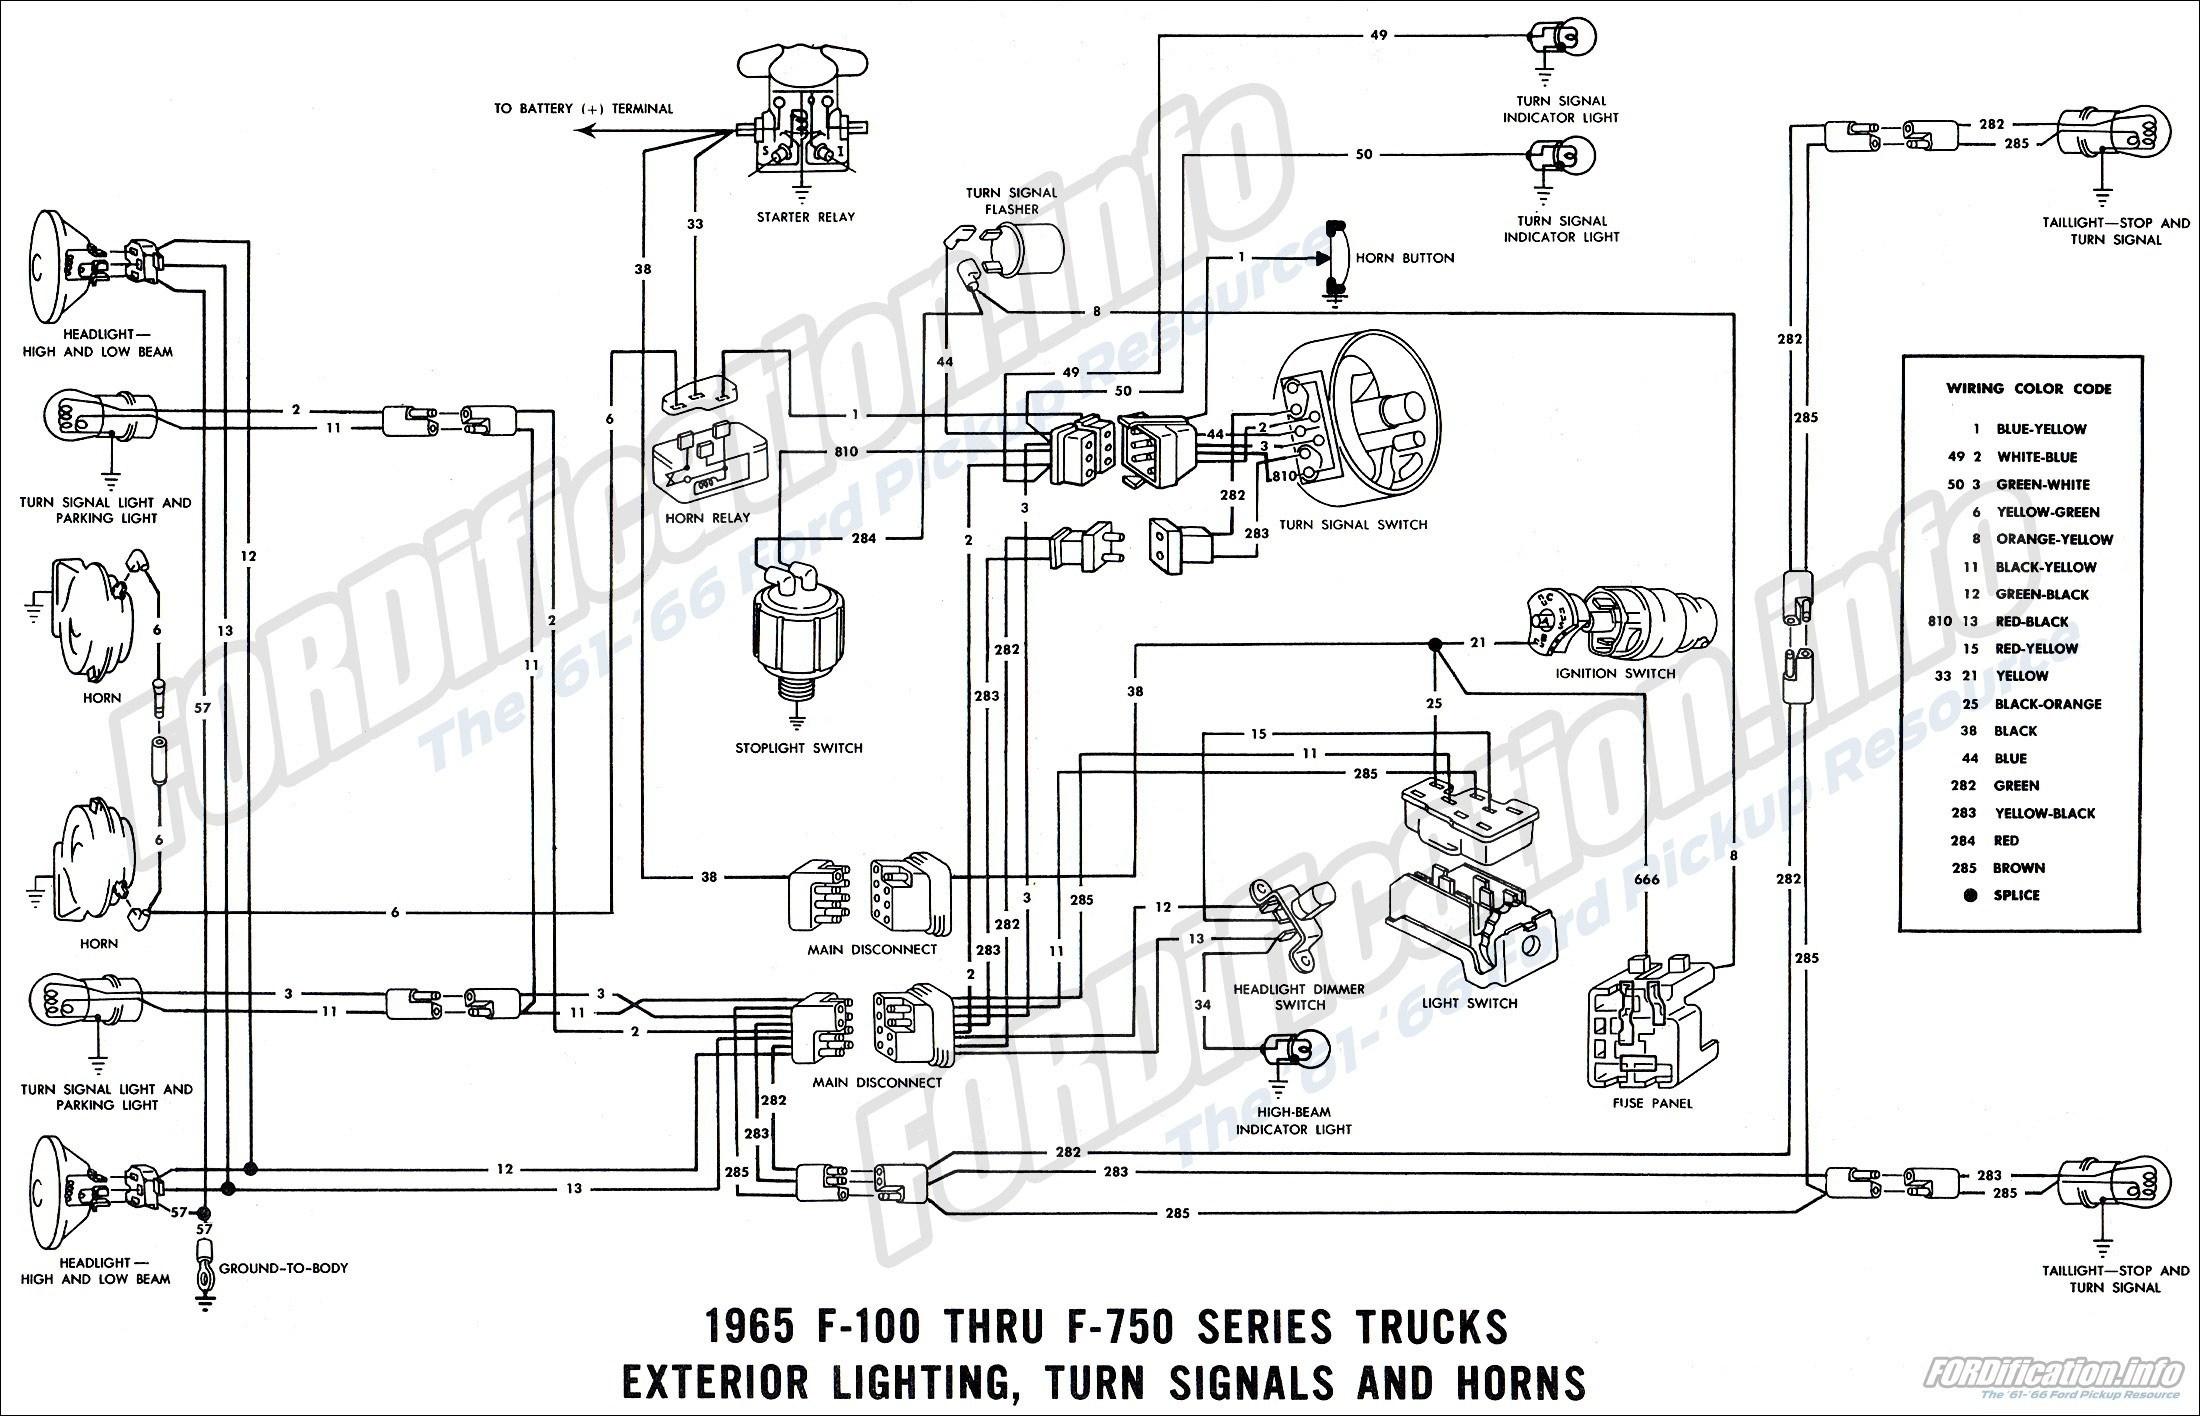 LE_8533] 1956 Ford Wiring Diagram FreeMenia Numdin Dylit Kumb Ponge Elec Mohammedshrine Librar Wiring 101